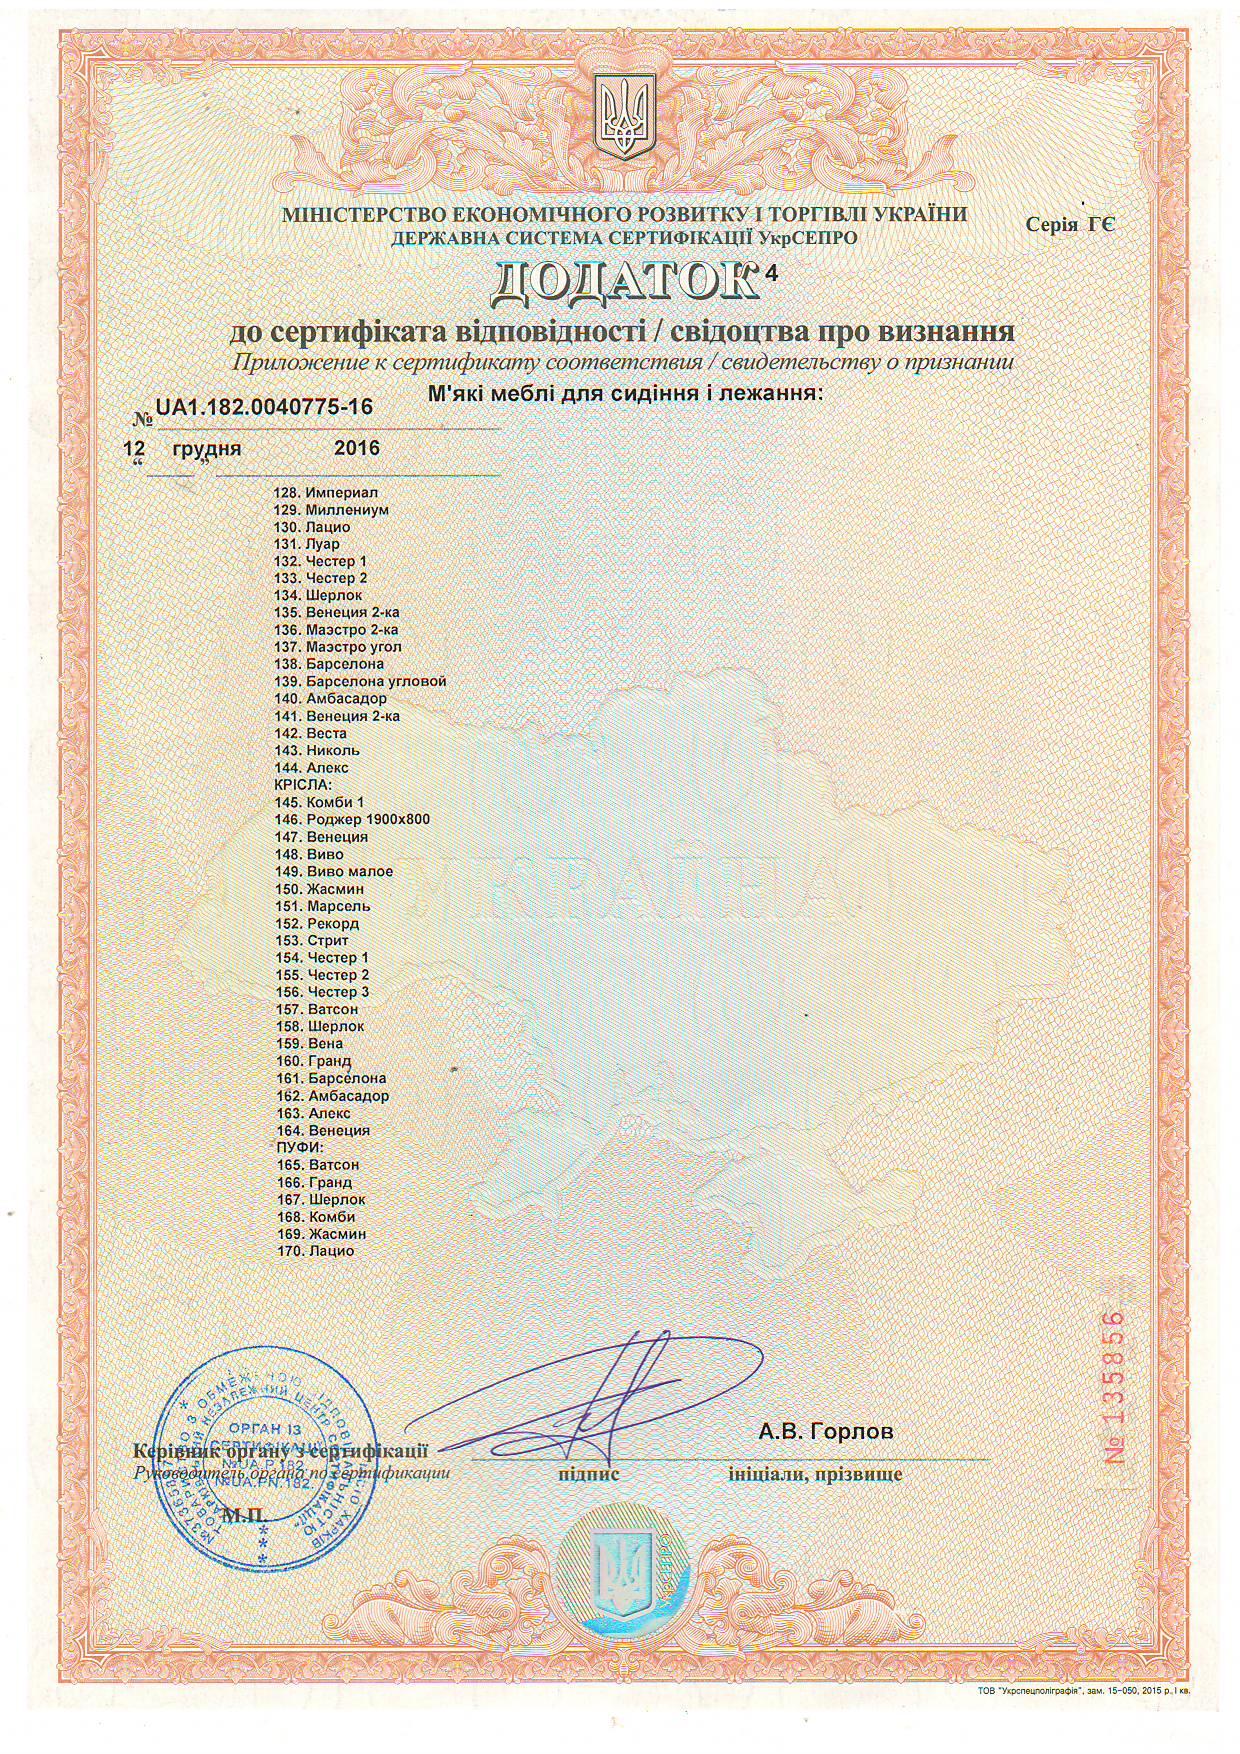 Дополнение 4 к Сертификату качества мягкой мебели МатроЛюкс.